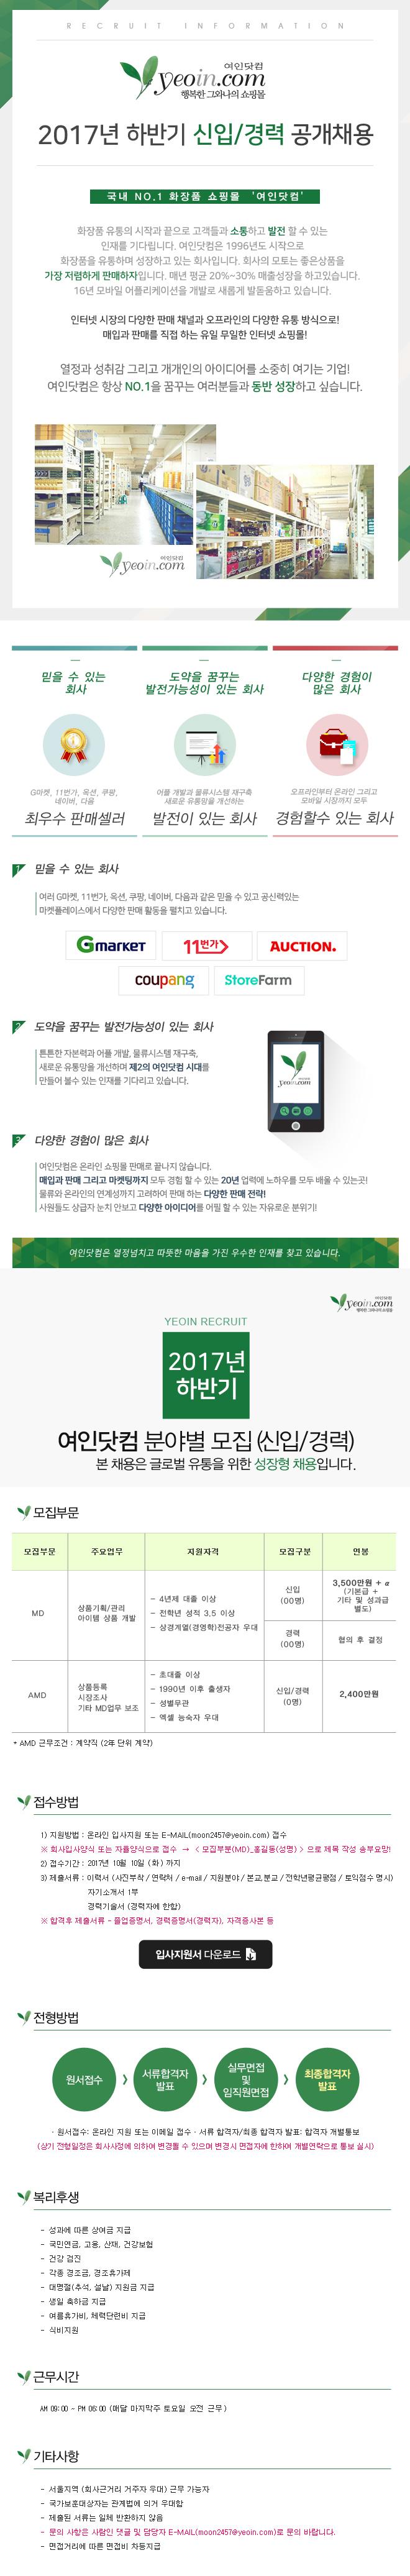 여인닷컴 2017년 하반기 신입/경력 공개채용